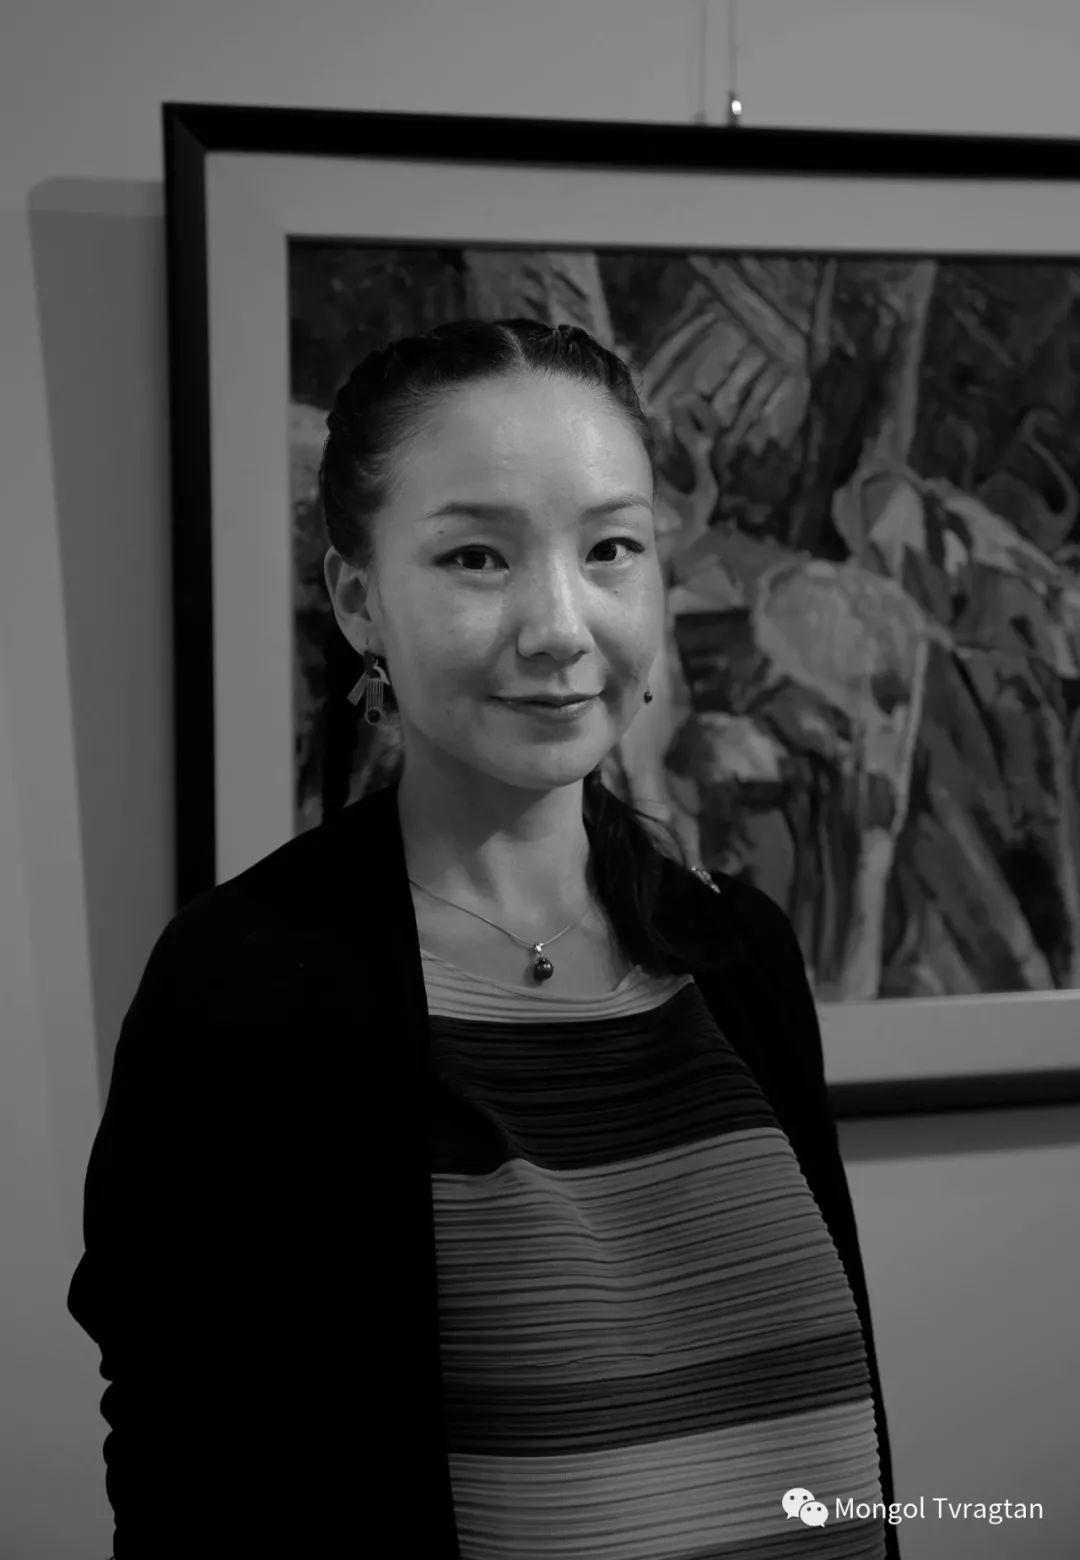 ᠤᠷᠠᠨ ᠵᠢᠷᠤᠭ -ᠪ᠂ ᠰᠠᠷᠨᠠᠢ  萨日乃美术作品 第21张 ᠤᠷᠠᠨ ᠵᠢᠷᠤᠭ -ᠪ᠂ ᠰᠠᠷᠨᠠᠢ  萨日乃美术作品 蒙古画廊